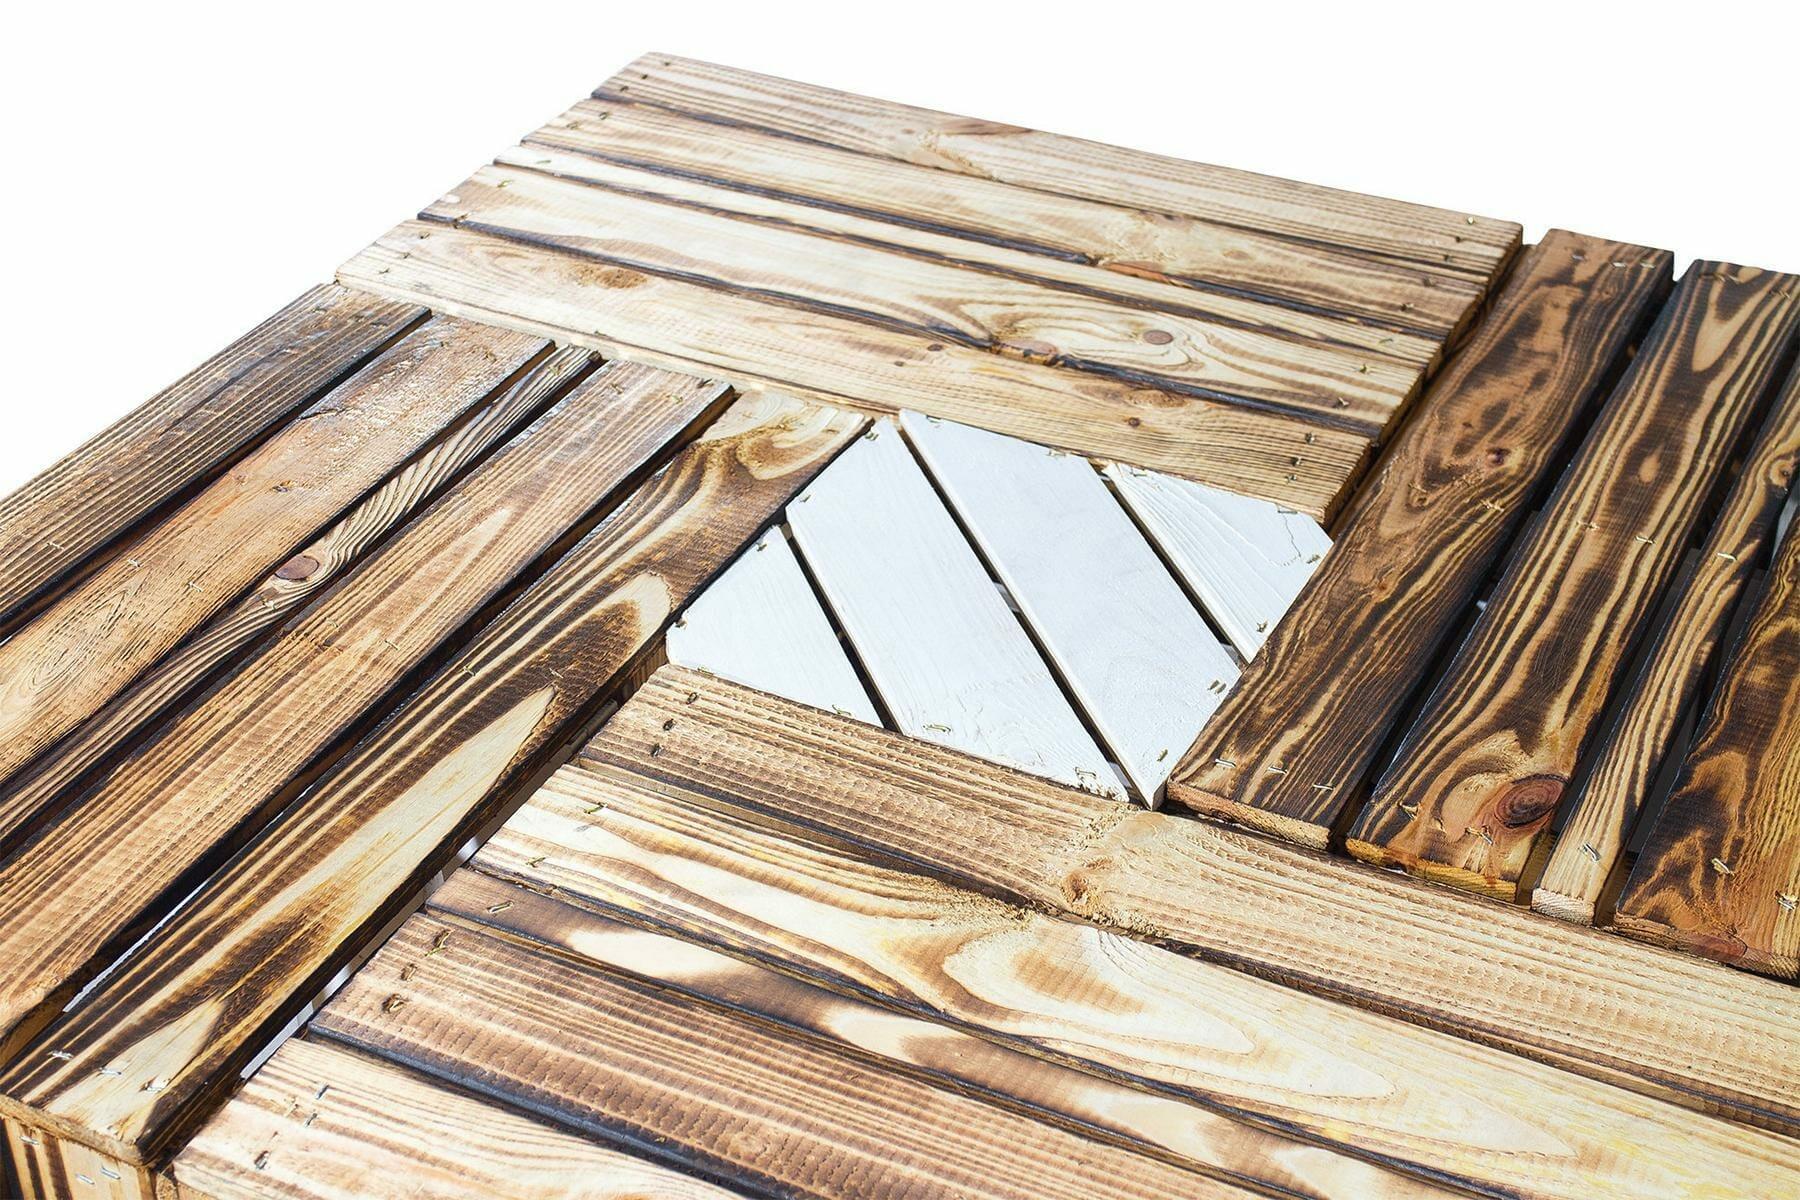 Fußboden Aus Holzklötzen ~ ᐅ couchtisch aus geflammten apfelkisten auf holzklötzen shop